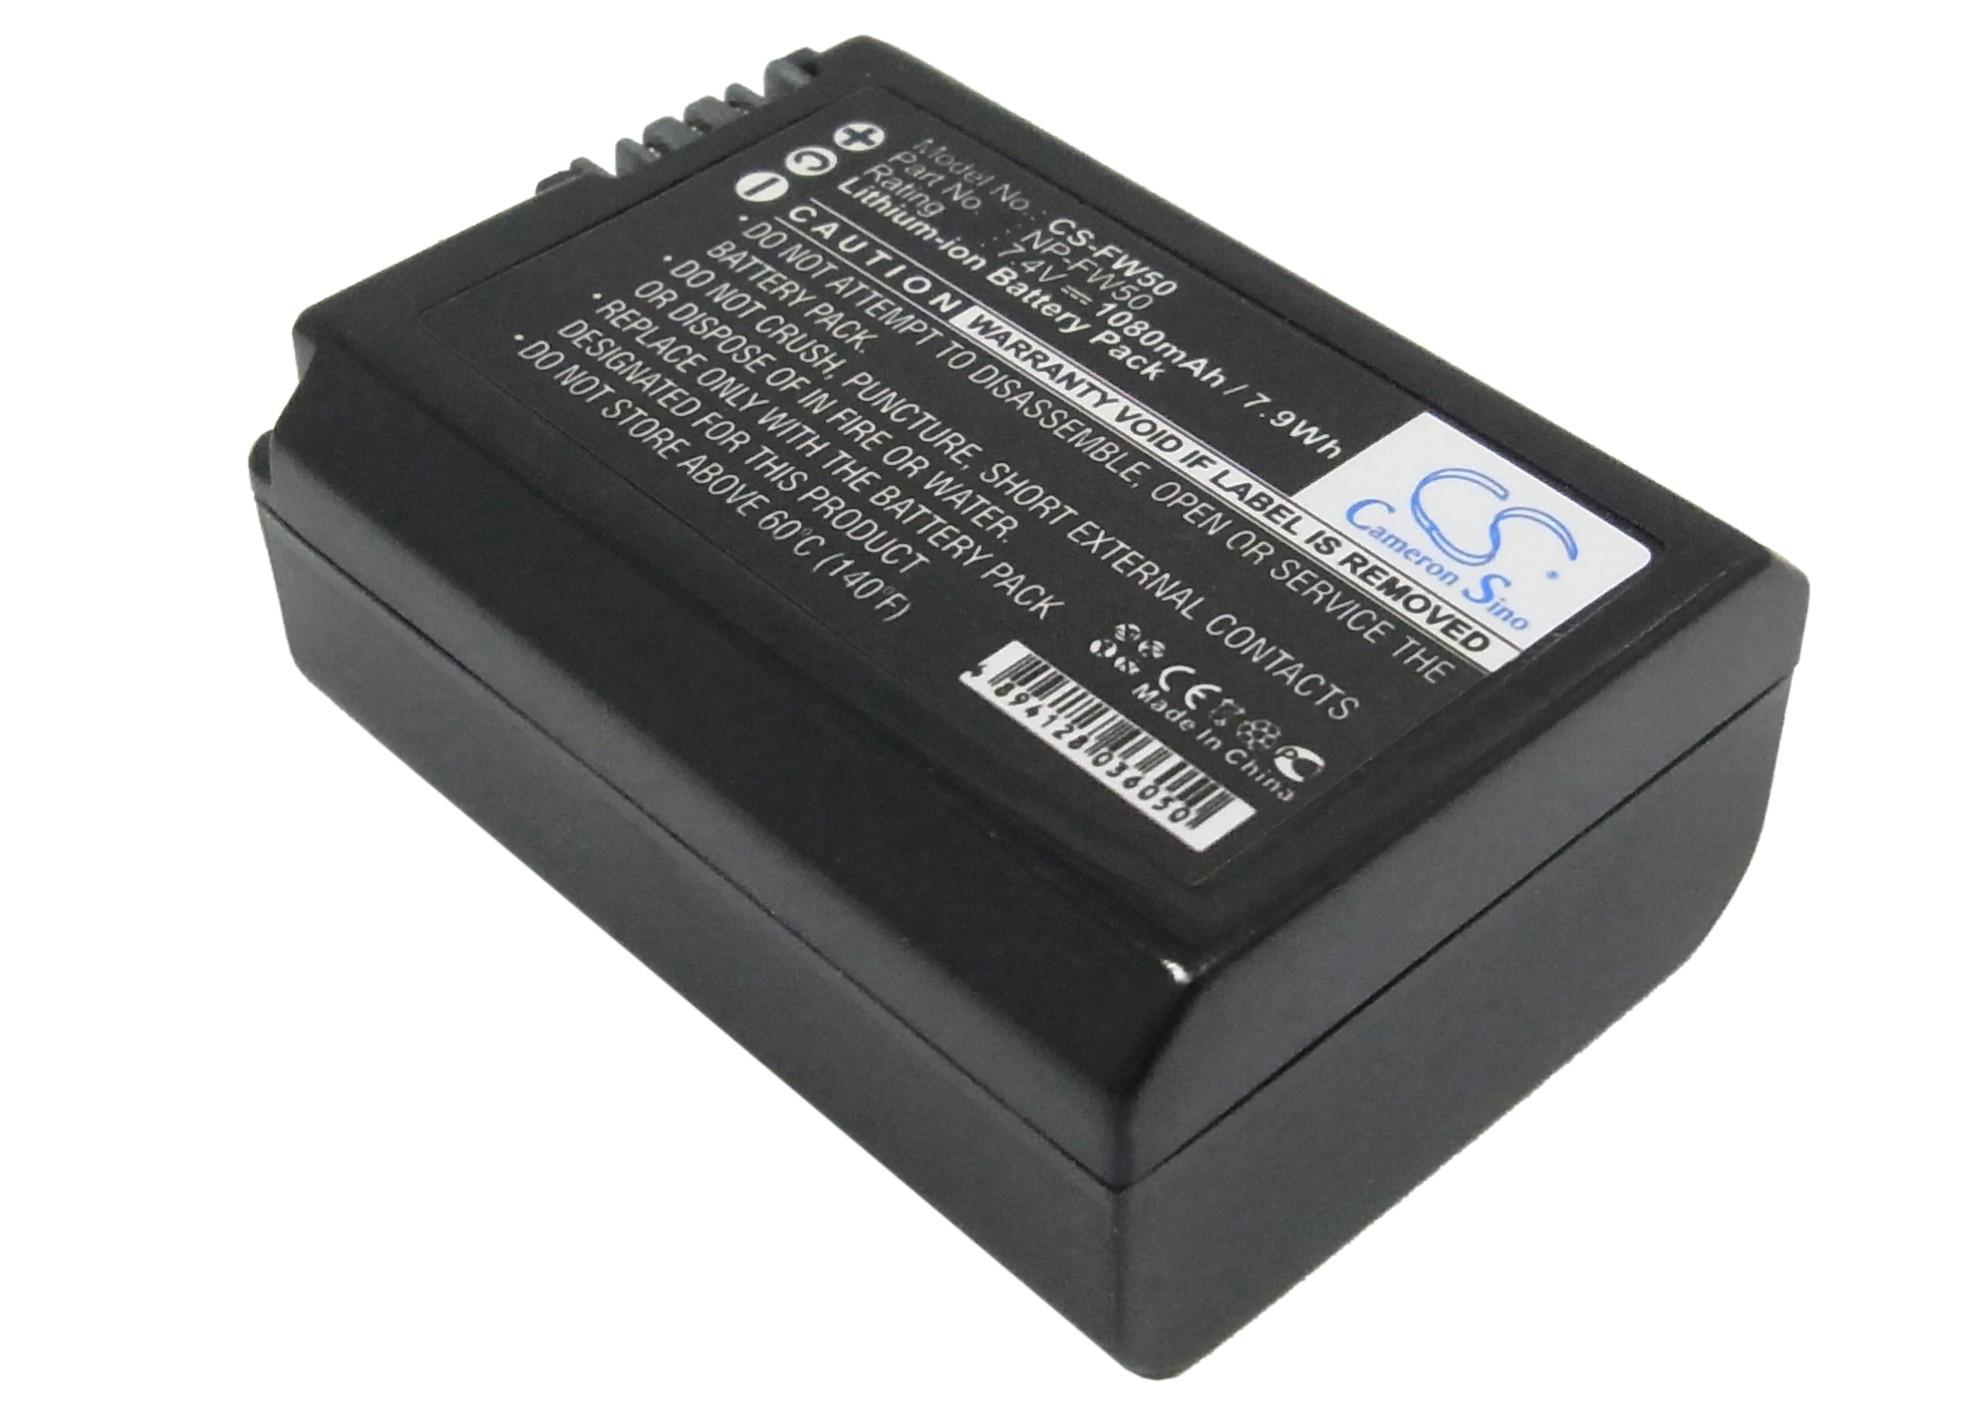 Cameron Sino baterie do kamer a fotoaparátů pro SONY SLT-A33Y 7.4V Li-ion 1080mAh černá - neoriginální